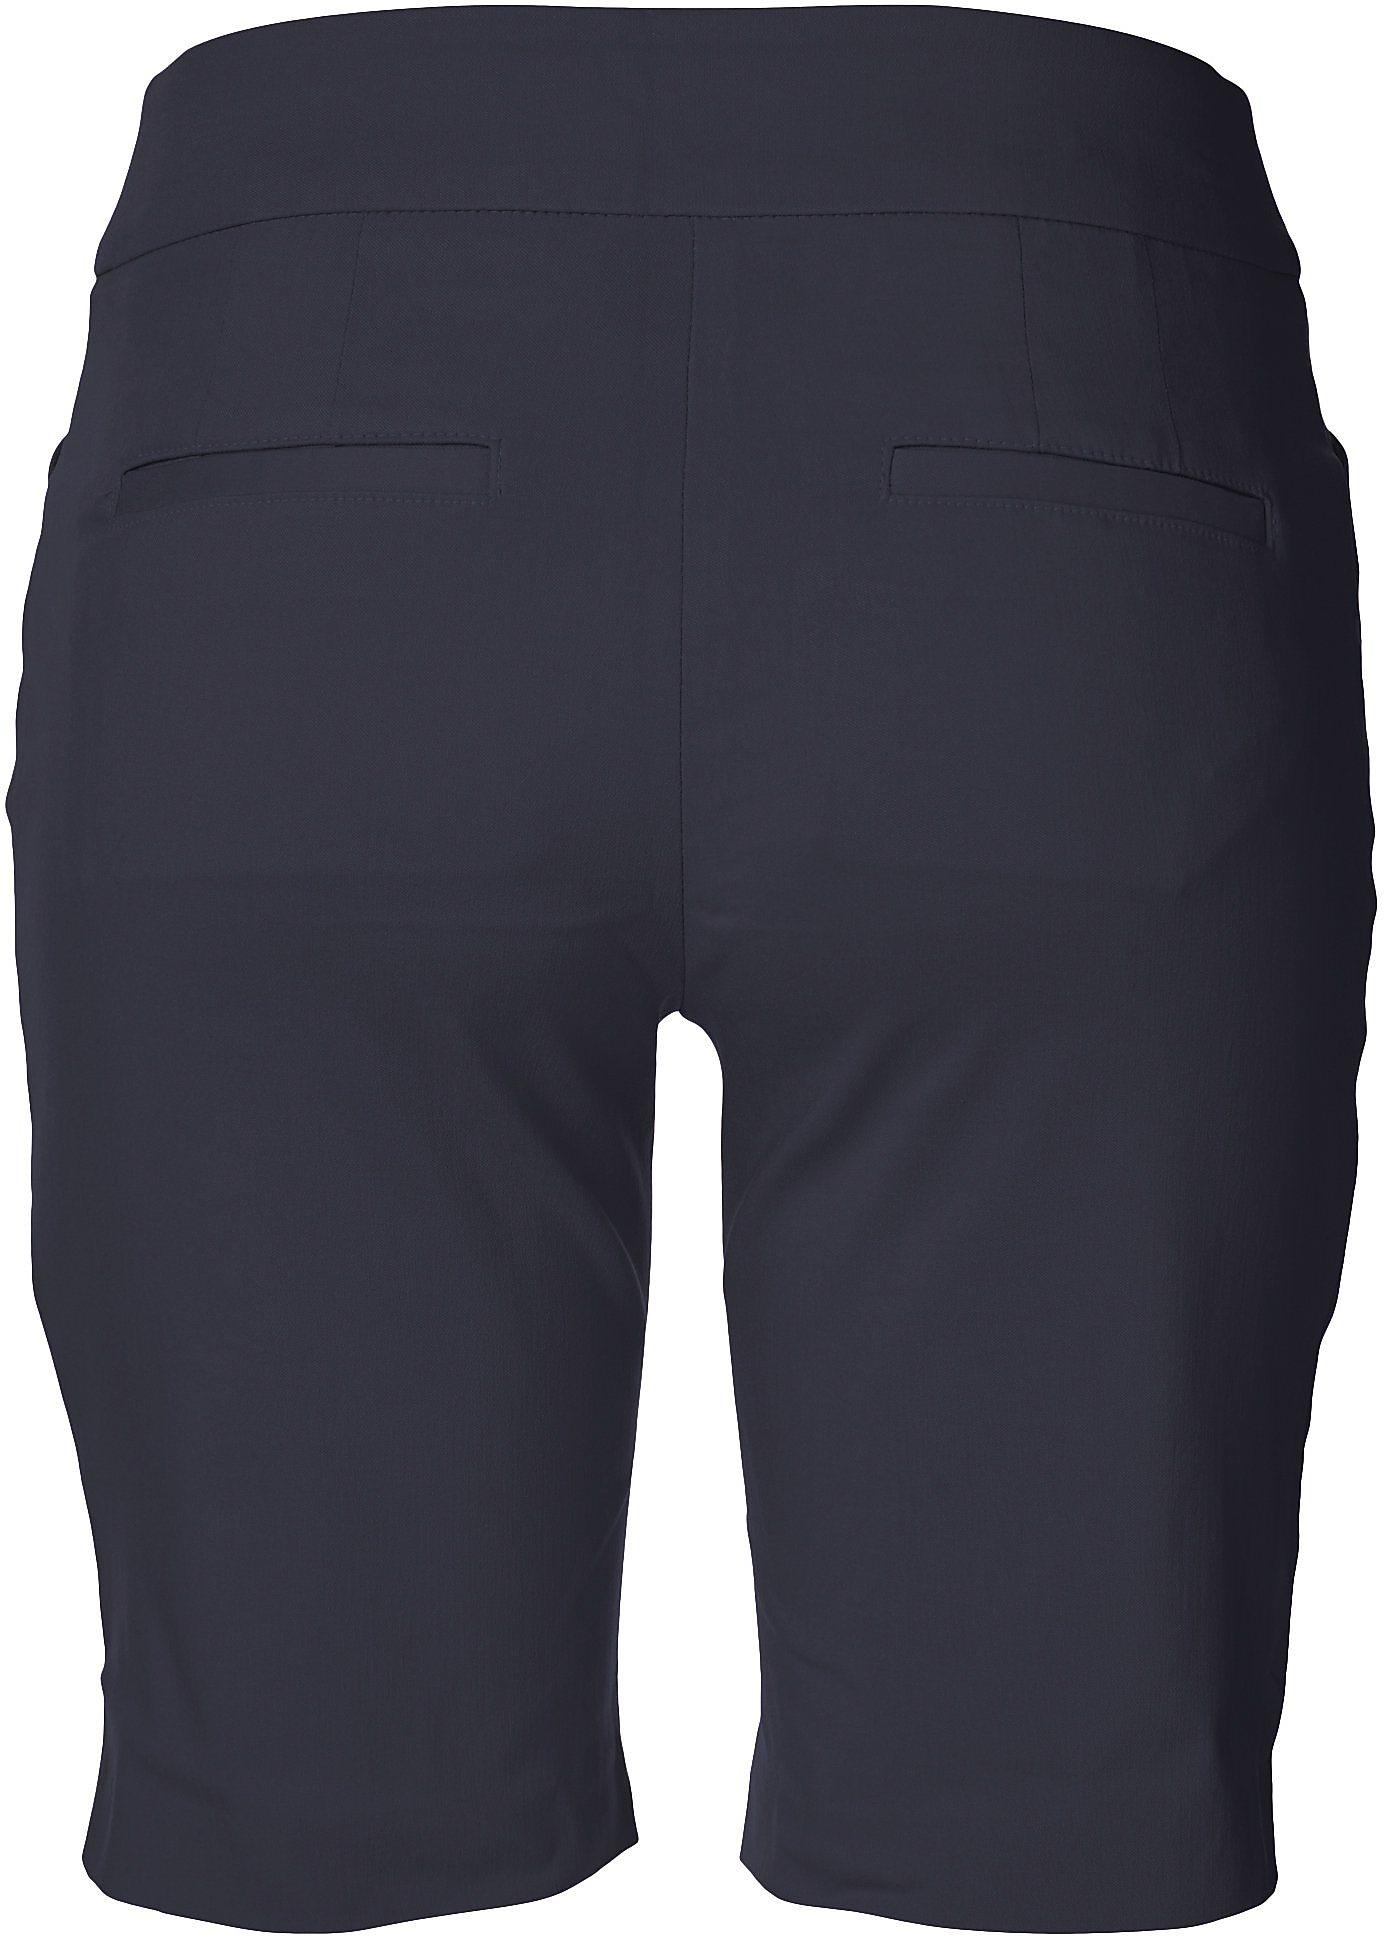 thumbnail 14 - ATTYRE Womens Solid Bermuda Shorts